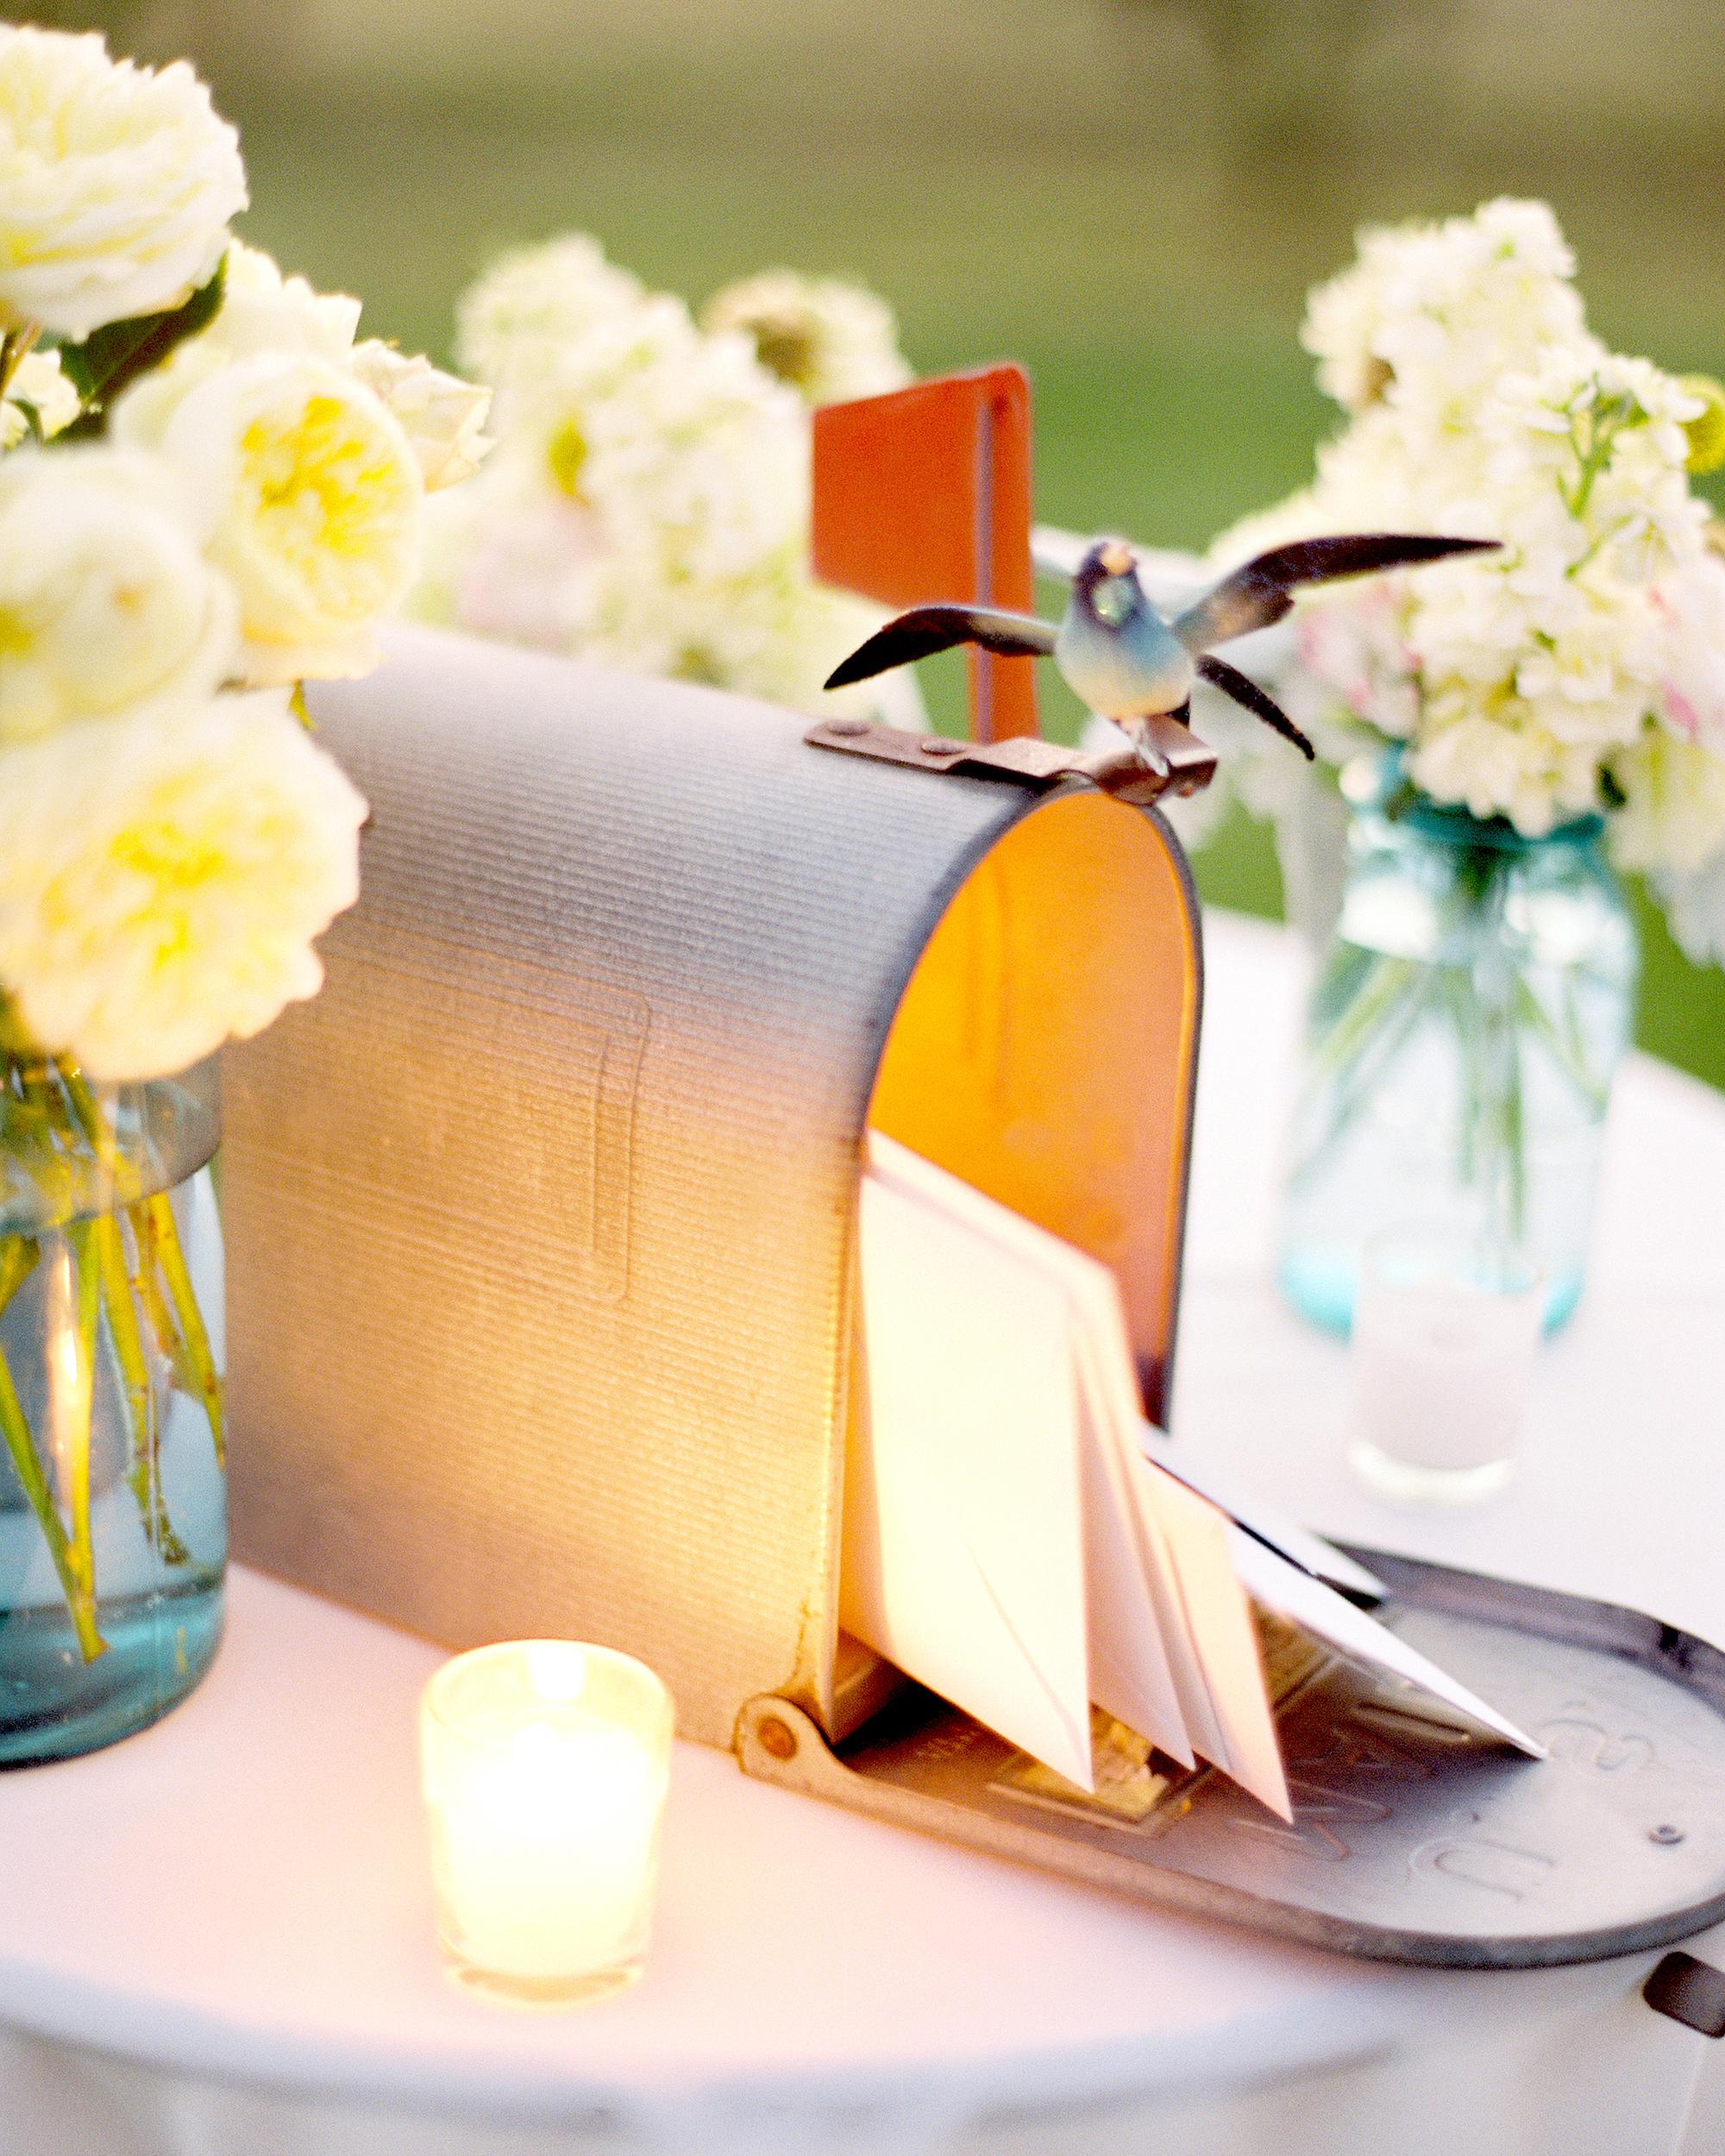 real-weddings-zoe-john-006749-R1-E011.jpg